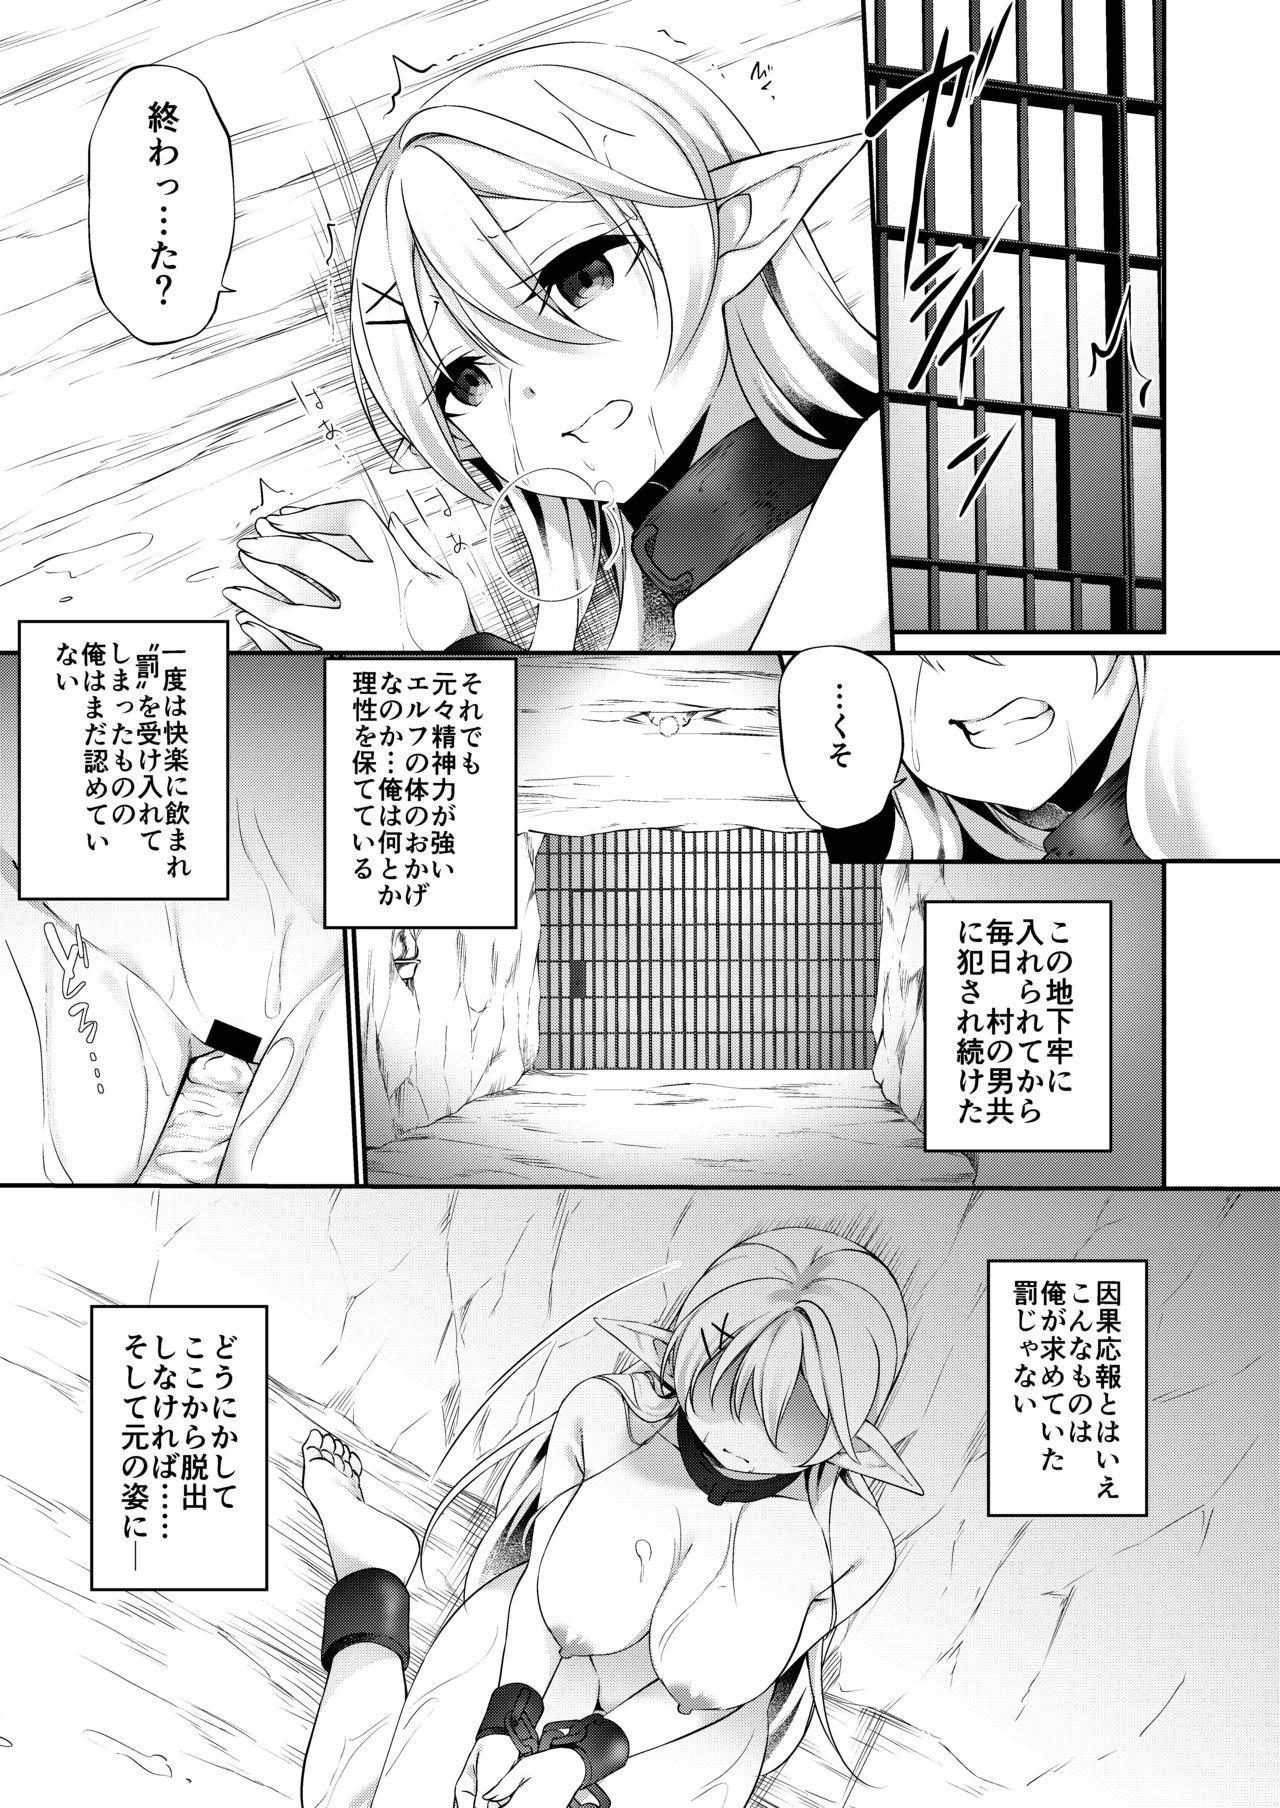 Batsu to Shite Ochite Yuku 4